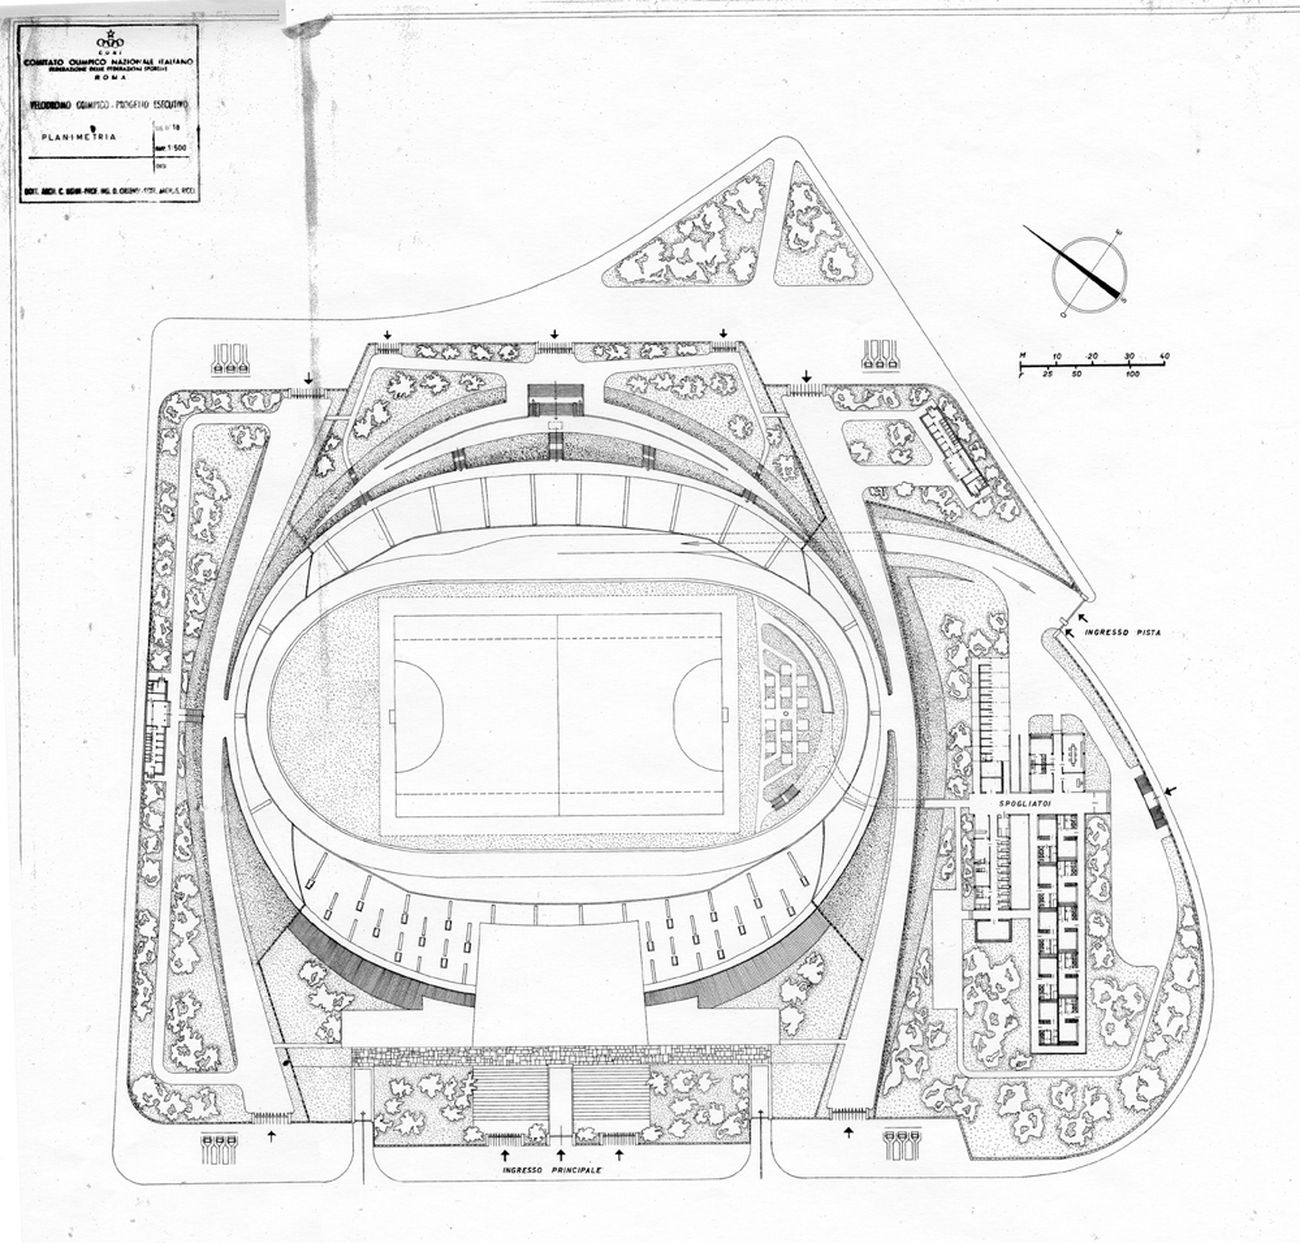 Cesare Ligini, Velodromo Olimpico, Roma, planimetria